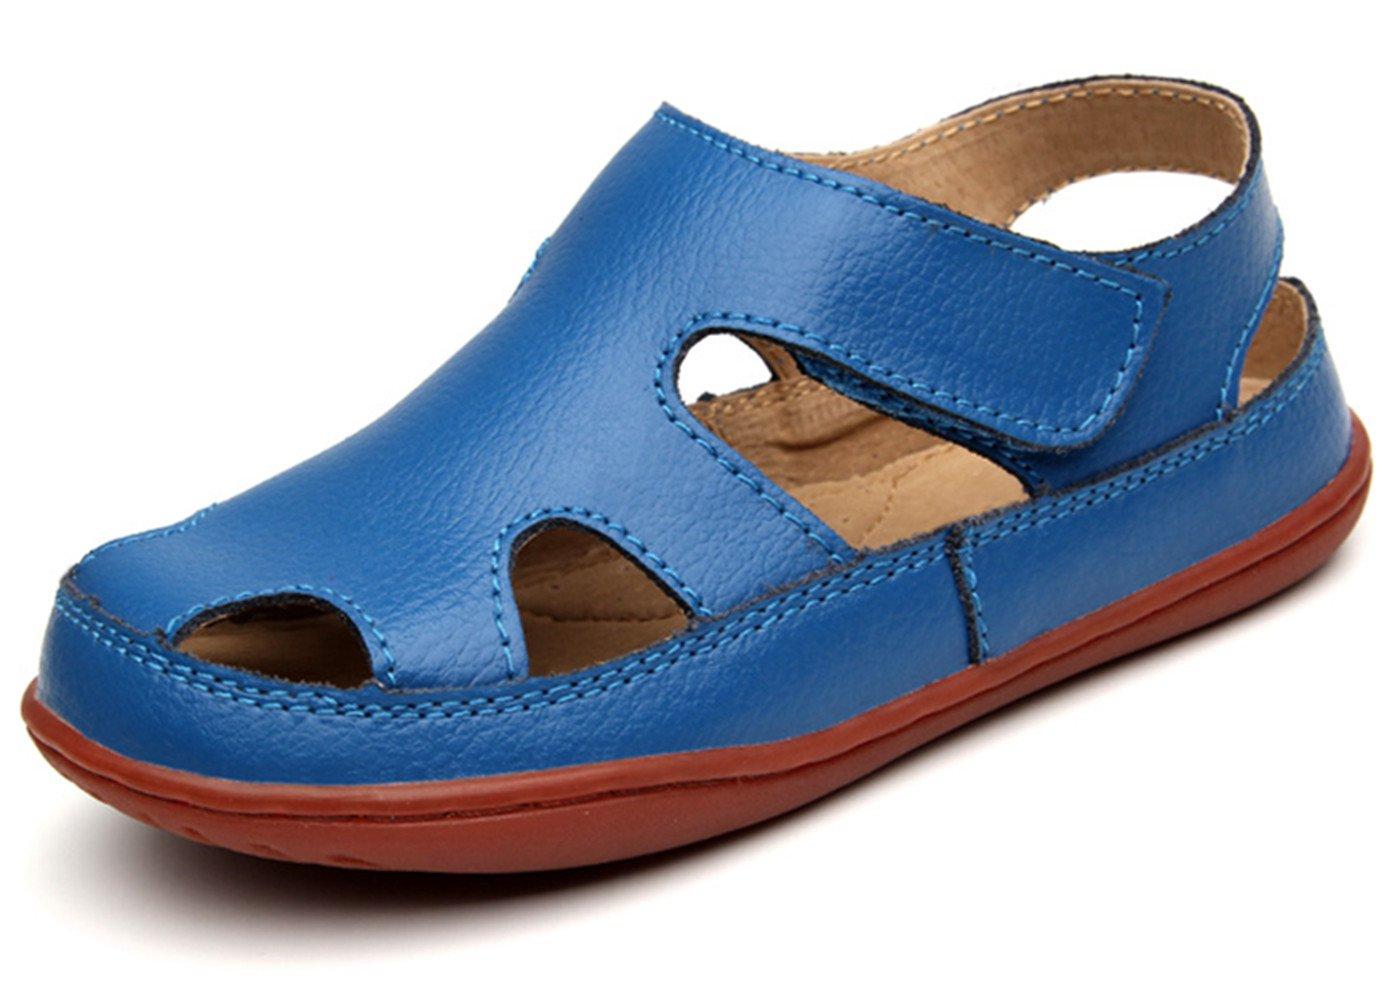 DADAWEN Girl's Boy's Summer Leather Strap Fisherman Sandal(Toddler/Little Kid/Big Kid) Blue US Size 12 M Little Kid